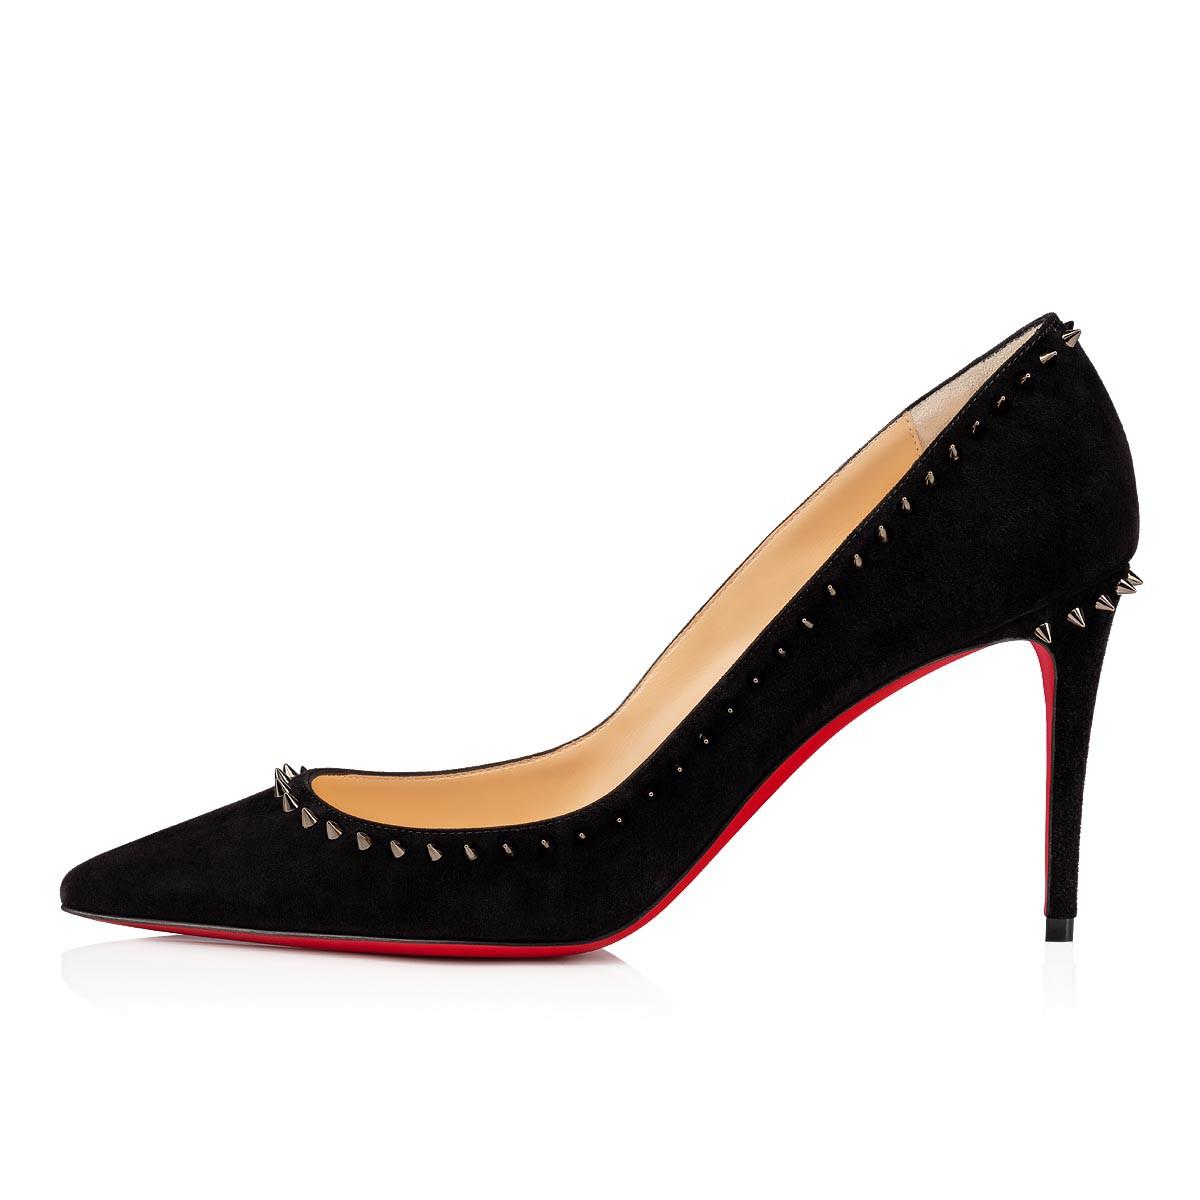 鞋履 - Anjalina - Christian Louboutin